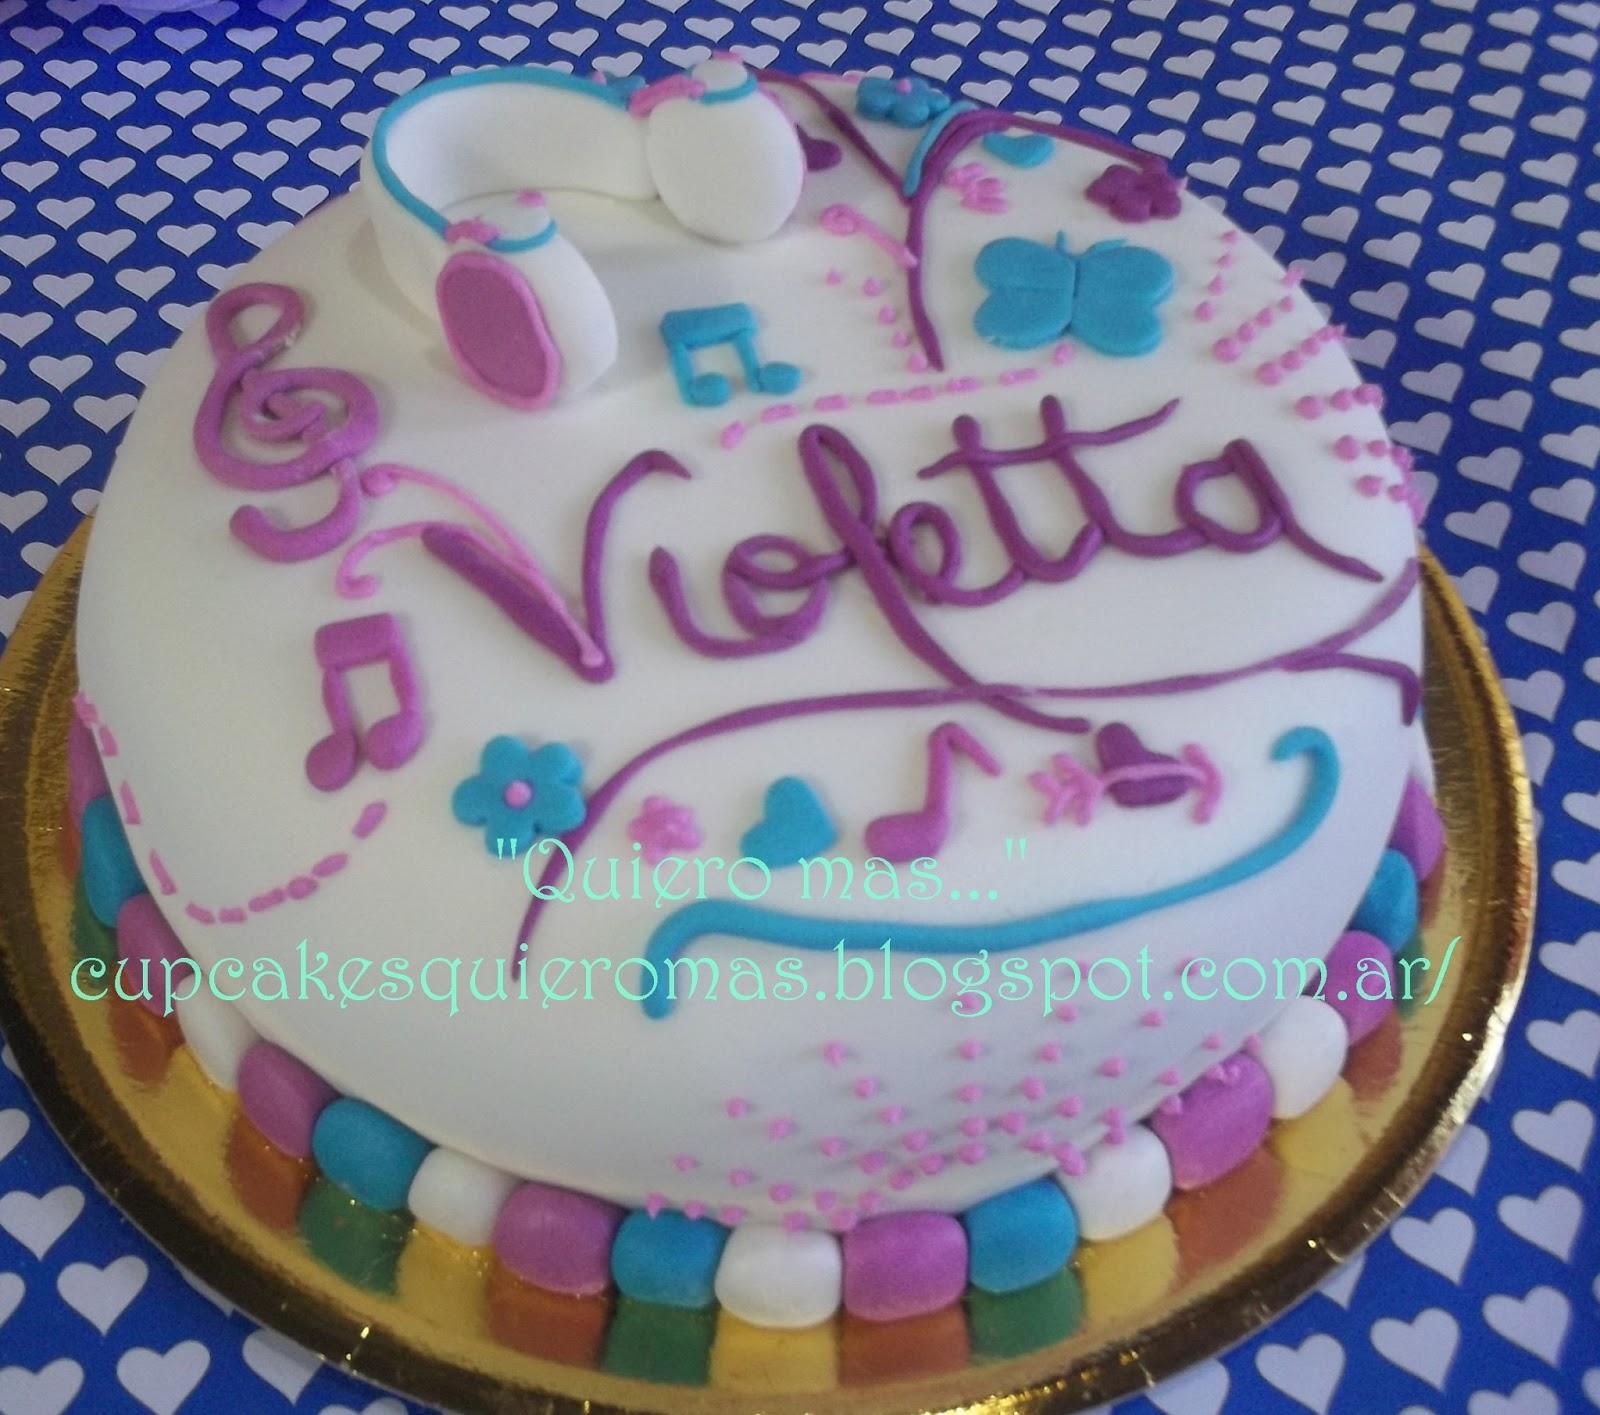 Delicias Quiero mas...: Tortas Violetta de Disney